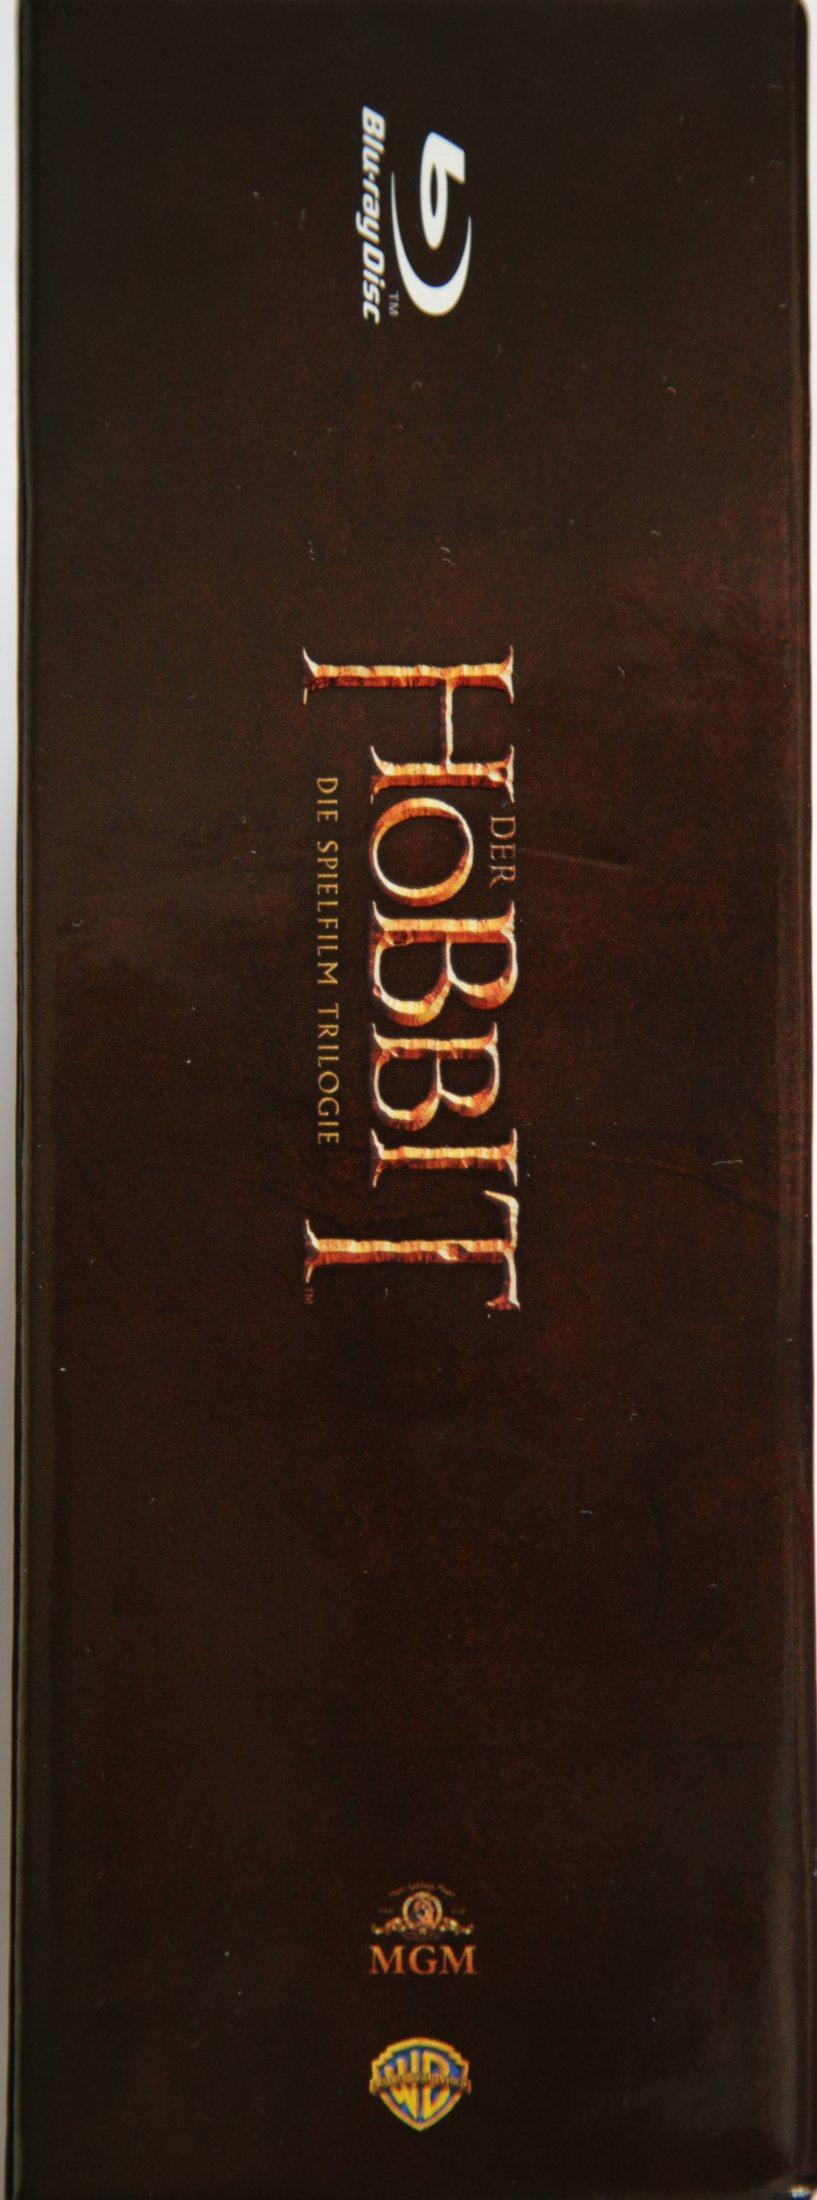 Der Hobbit Trilogie BoxRücken